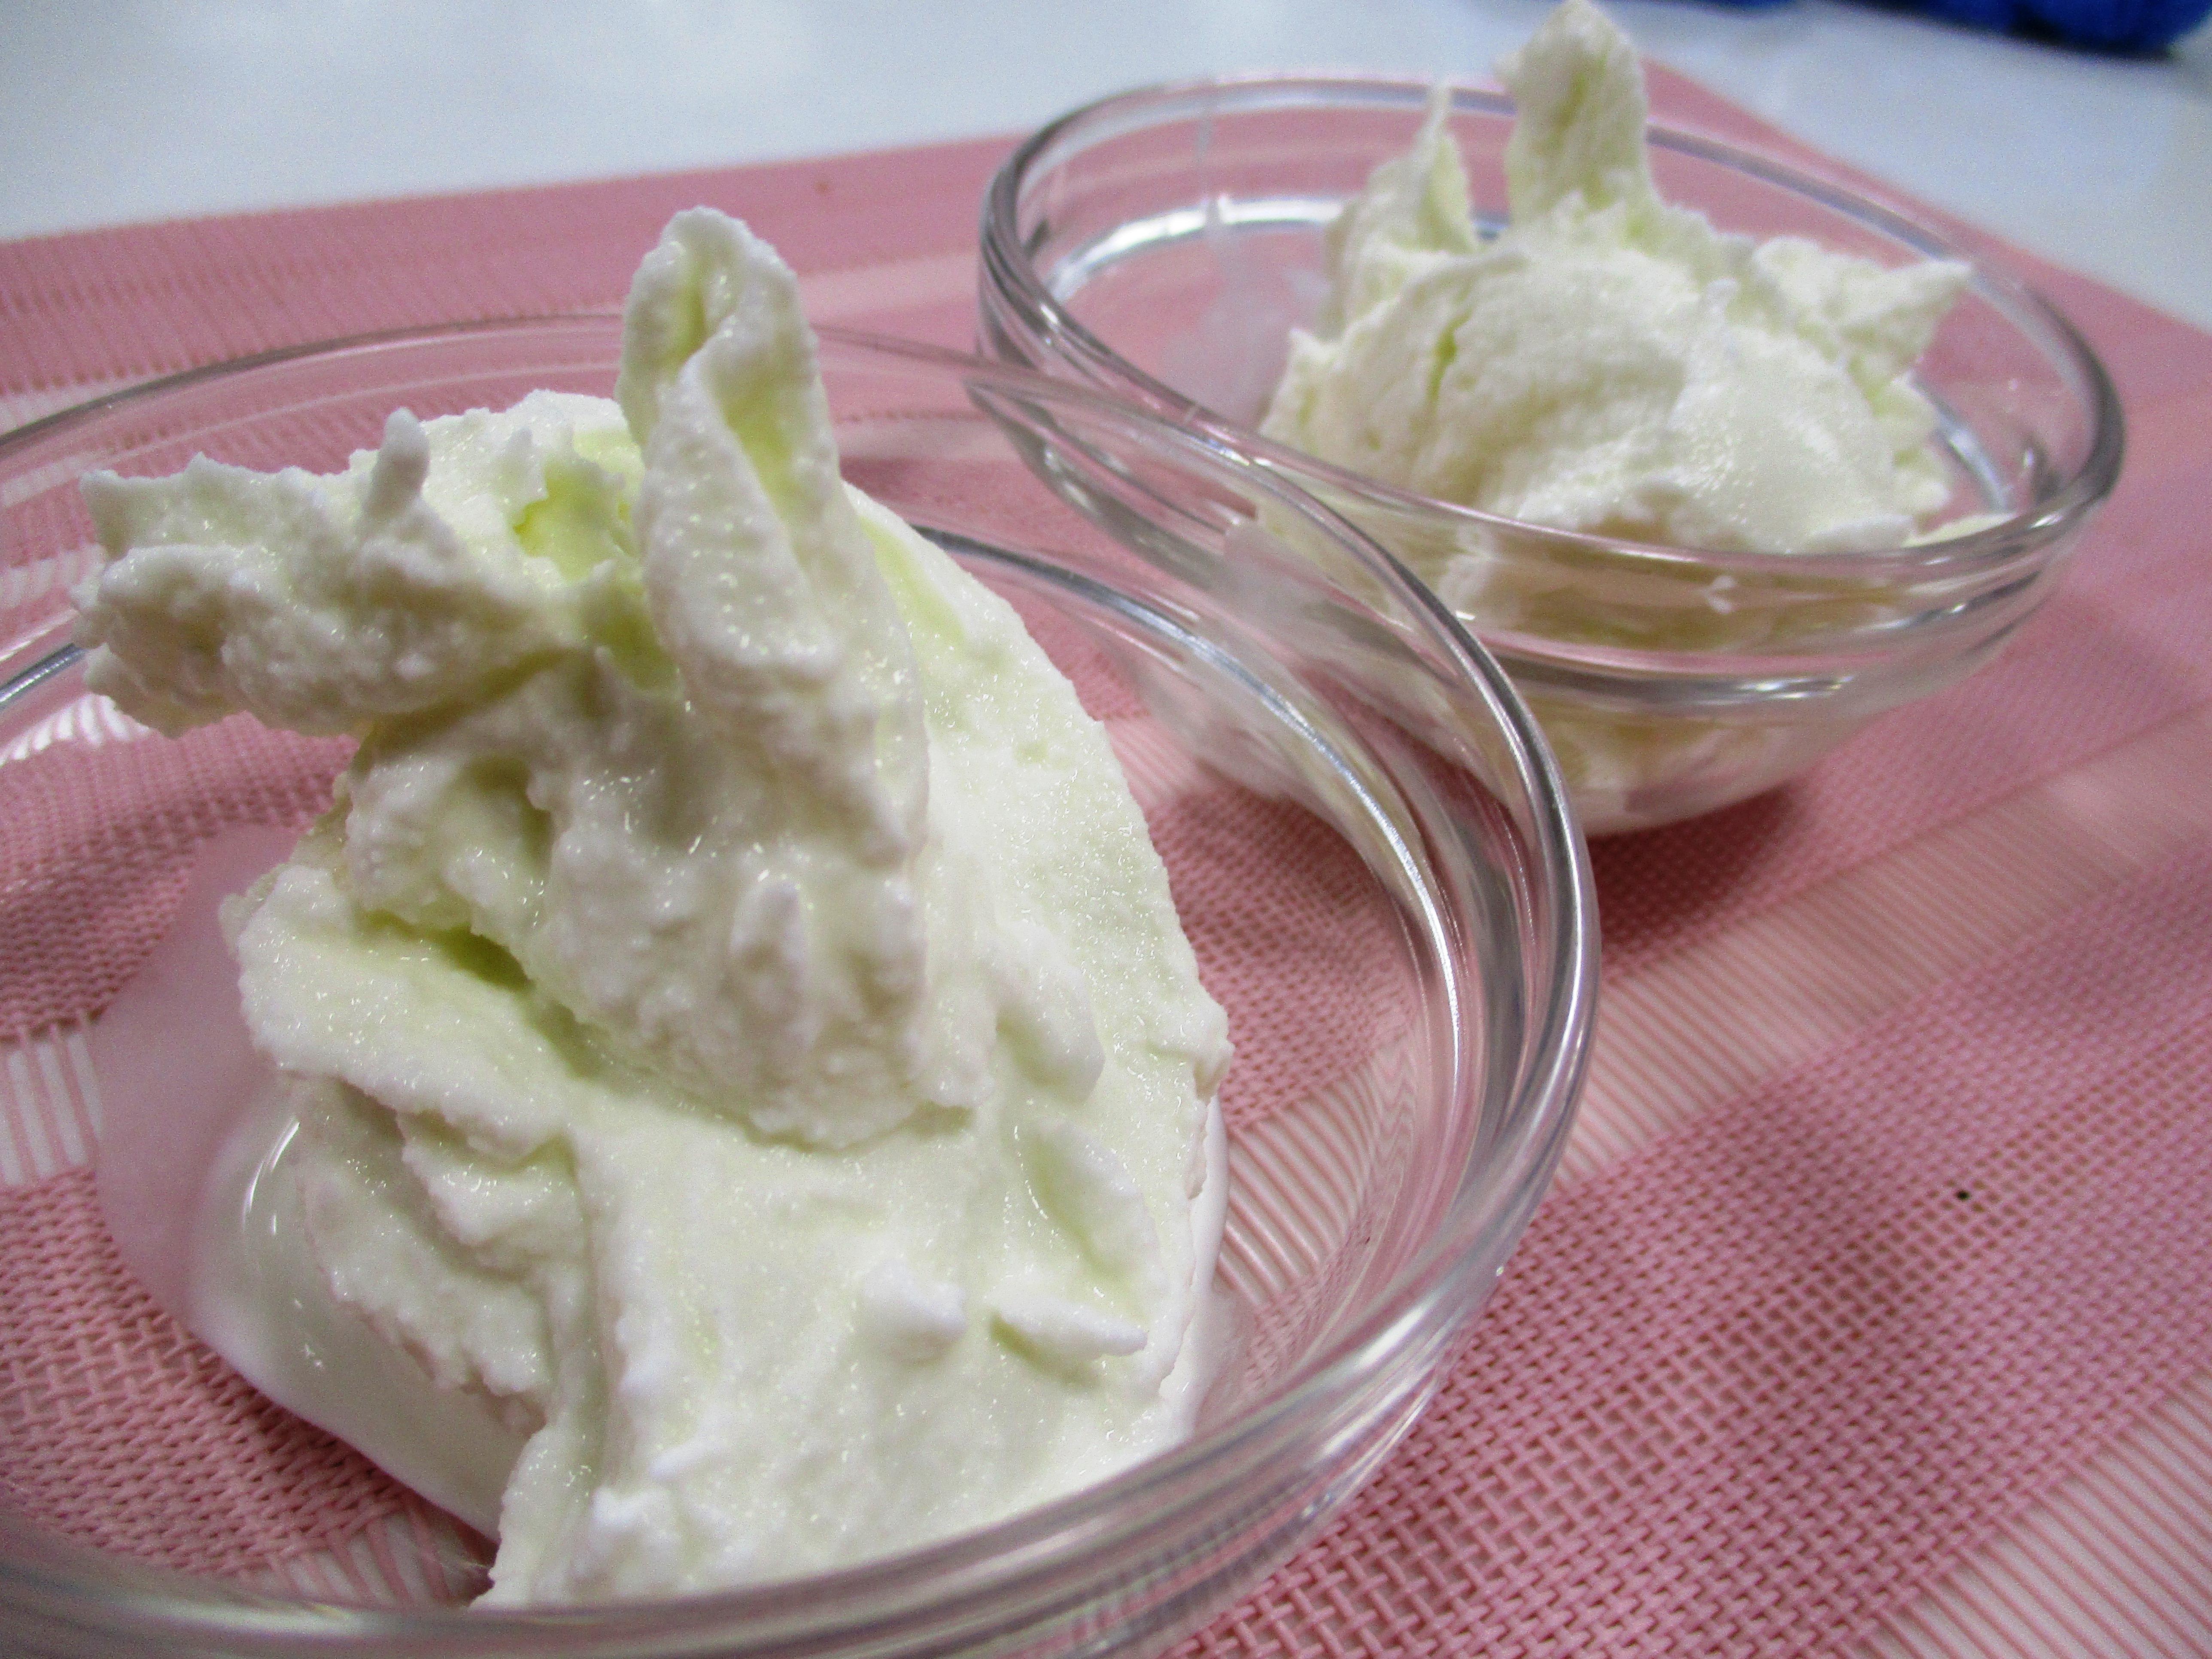 チャレンジ!手づくりアイスクリーム